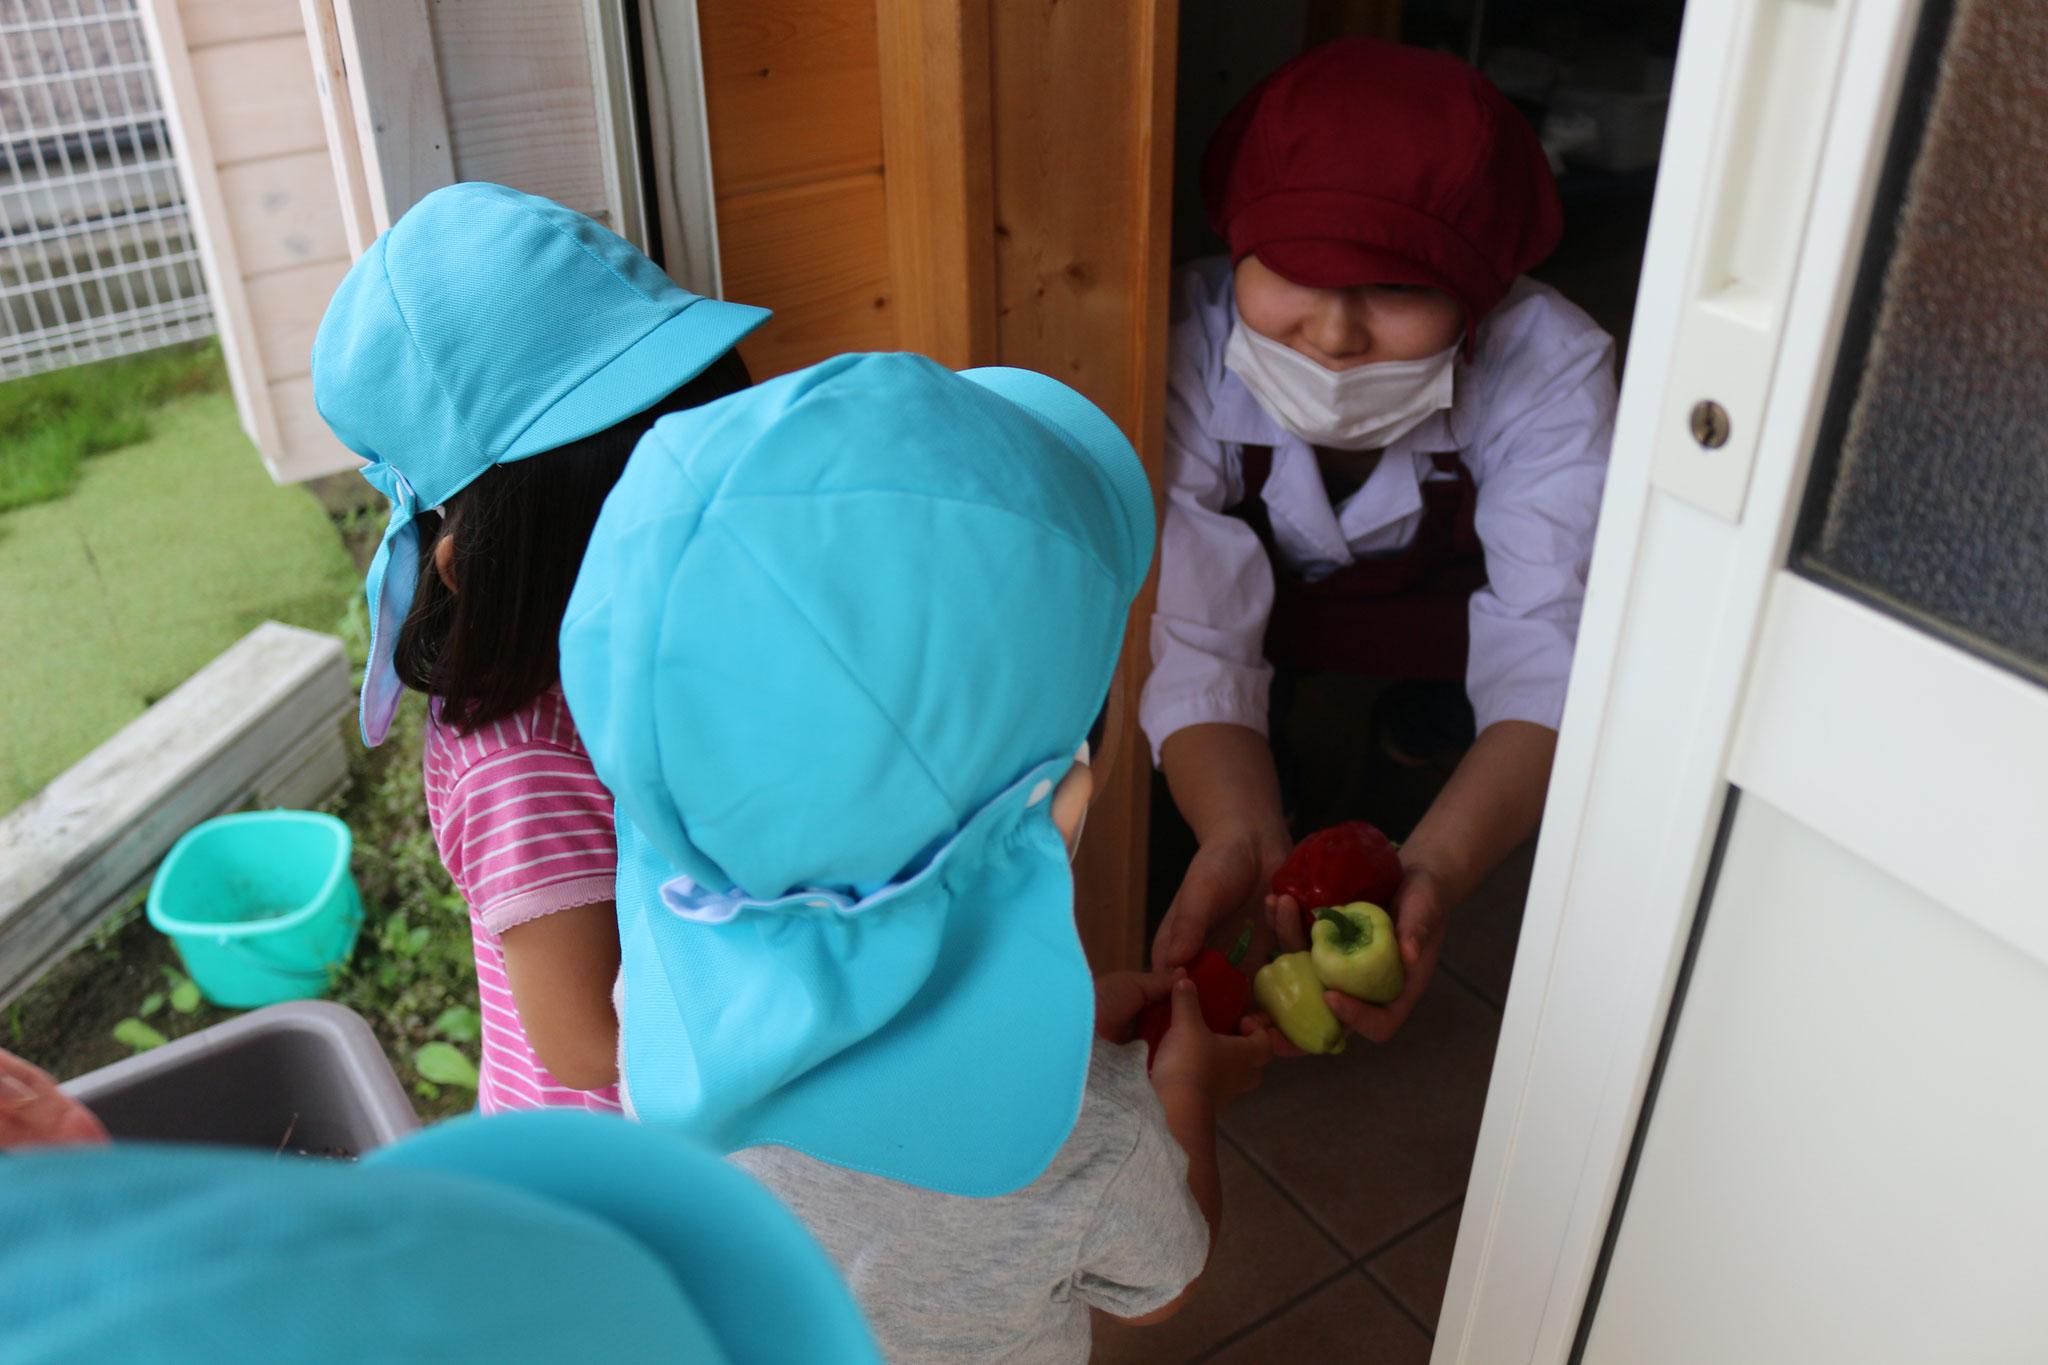 とれたての新鮮野菜は 管理栄養士のM先生にプレゼント!とみんな自発的に行動するようになりました(笑)